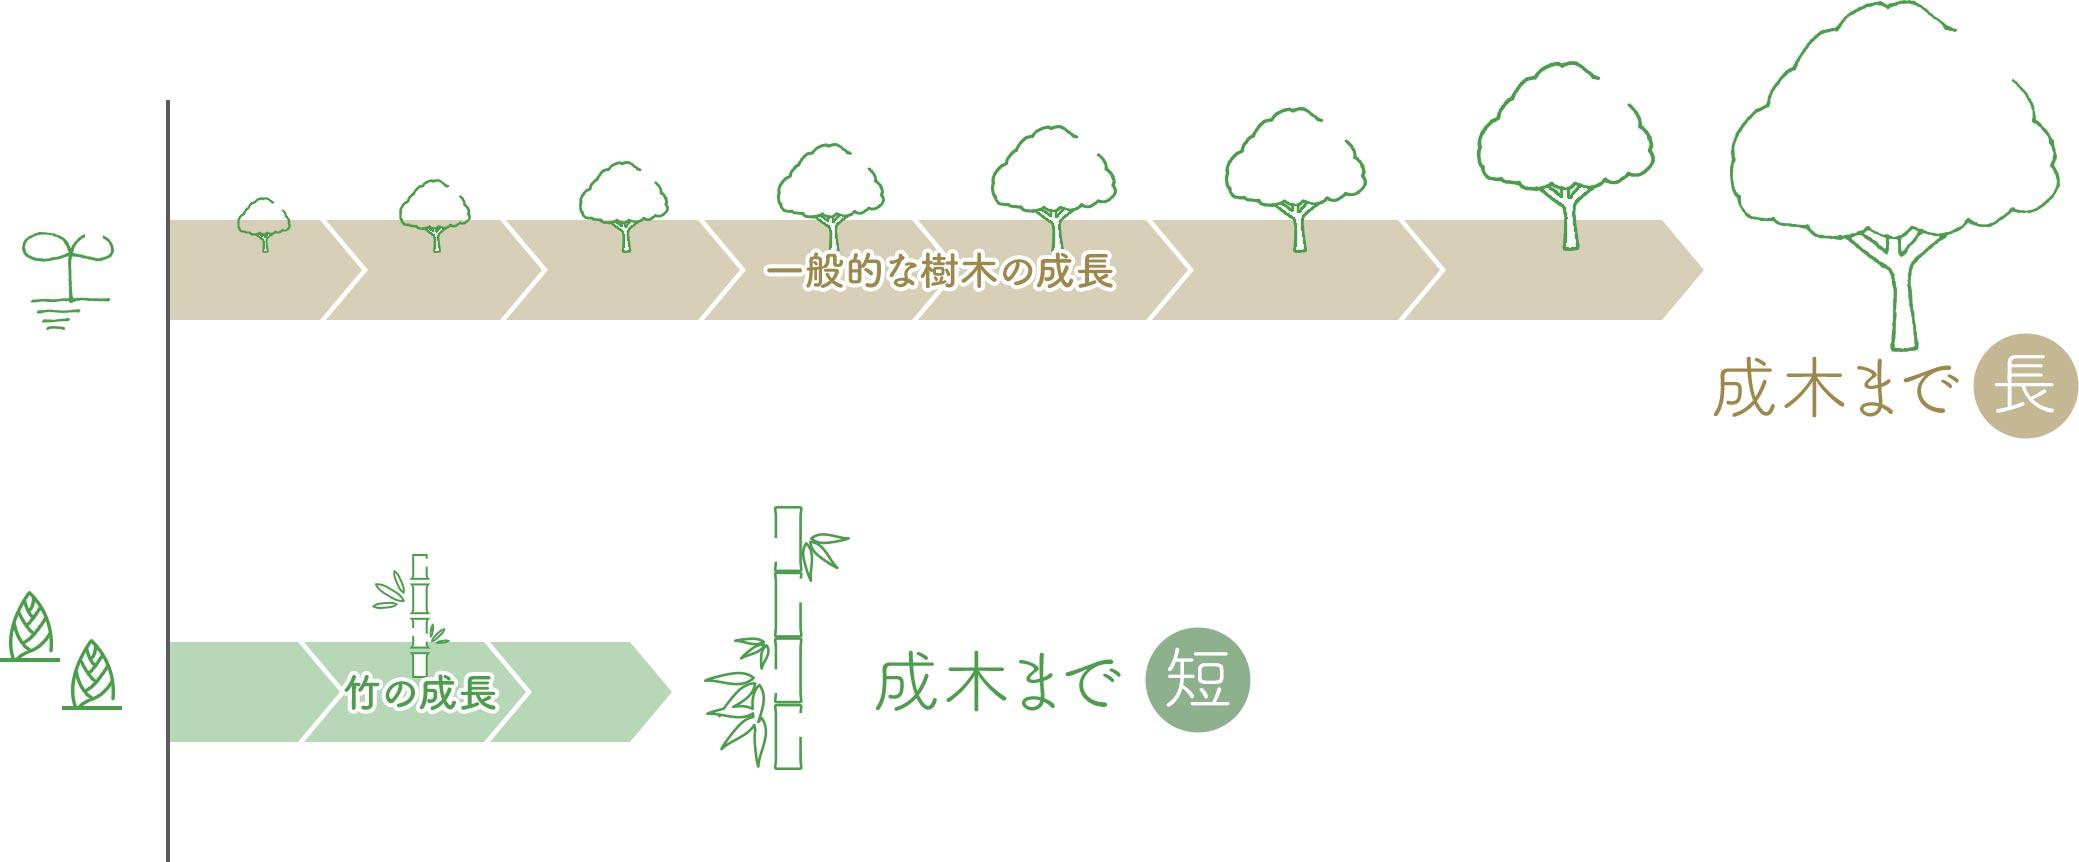 一般的な樹木と竹の成長の比較